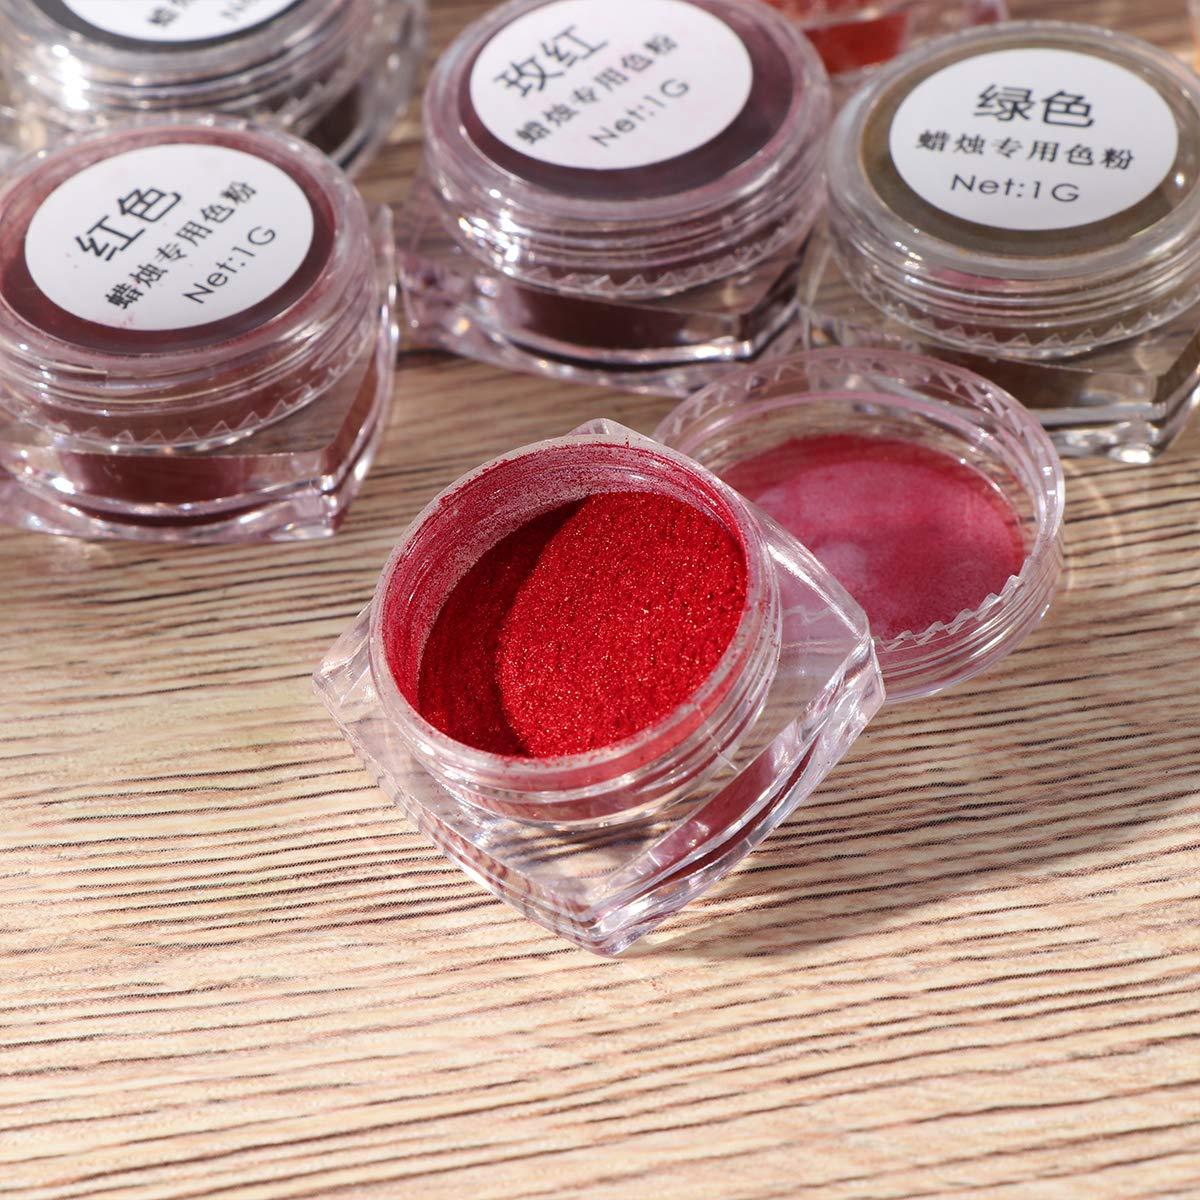 polvos de pigmento de color de vela Fabricaci/ón de velas perfumadas SUPVOX Tinte de vela de soja de 9 colores DIY altamente concentrado para velas de soja /únicas